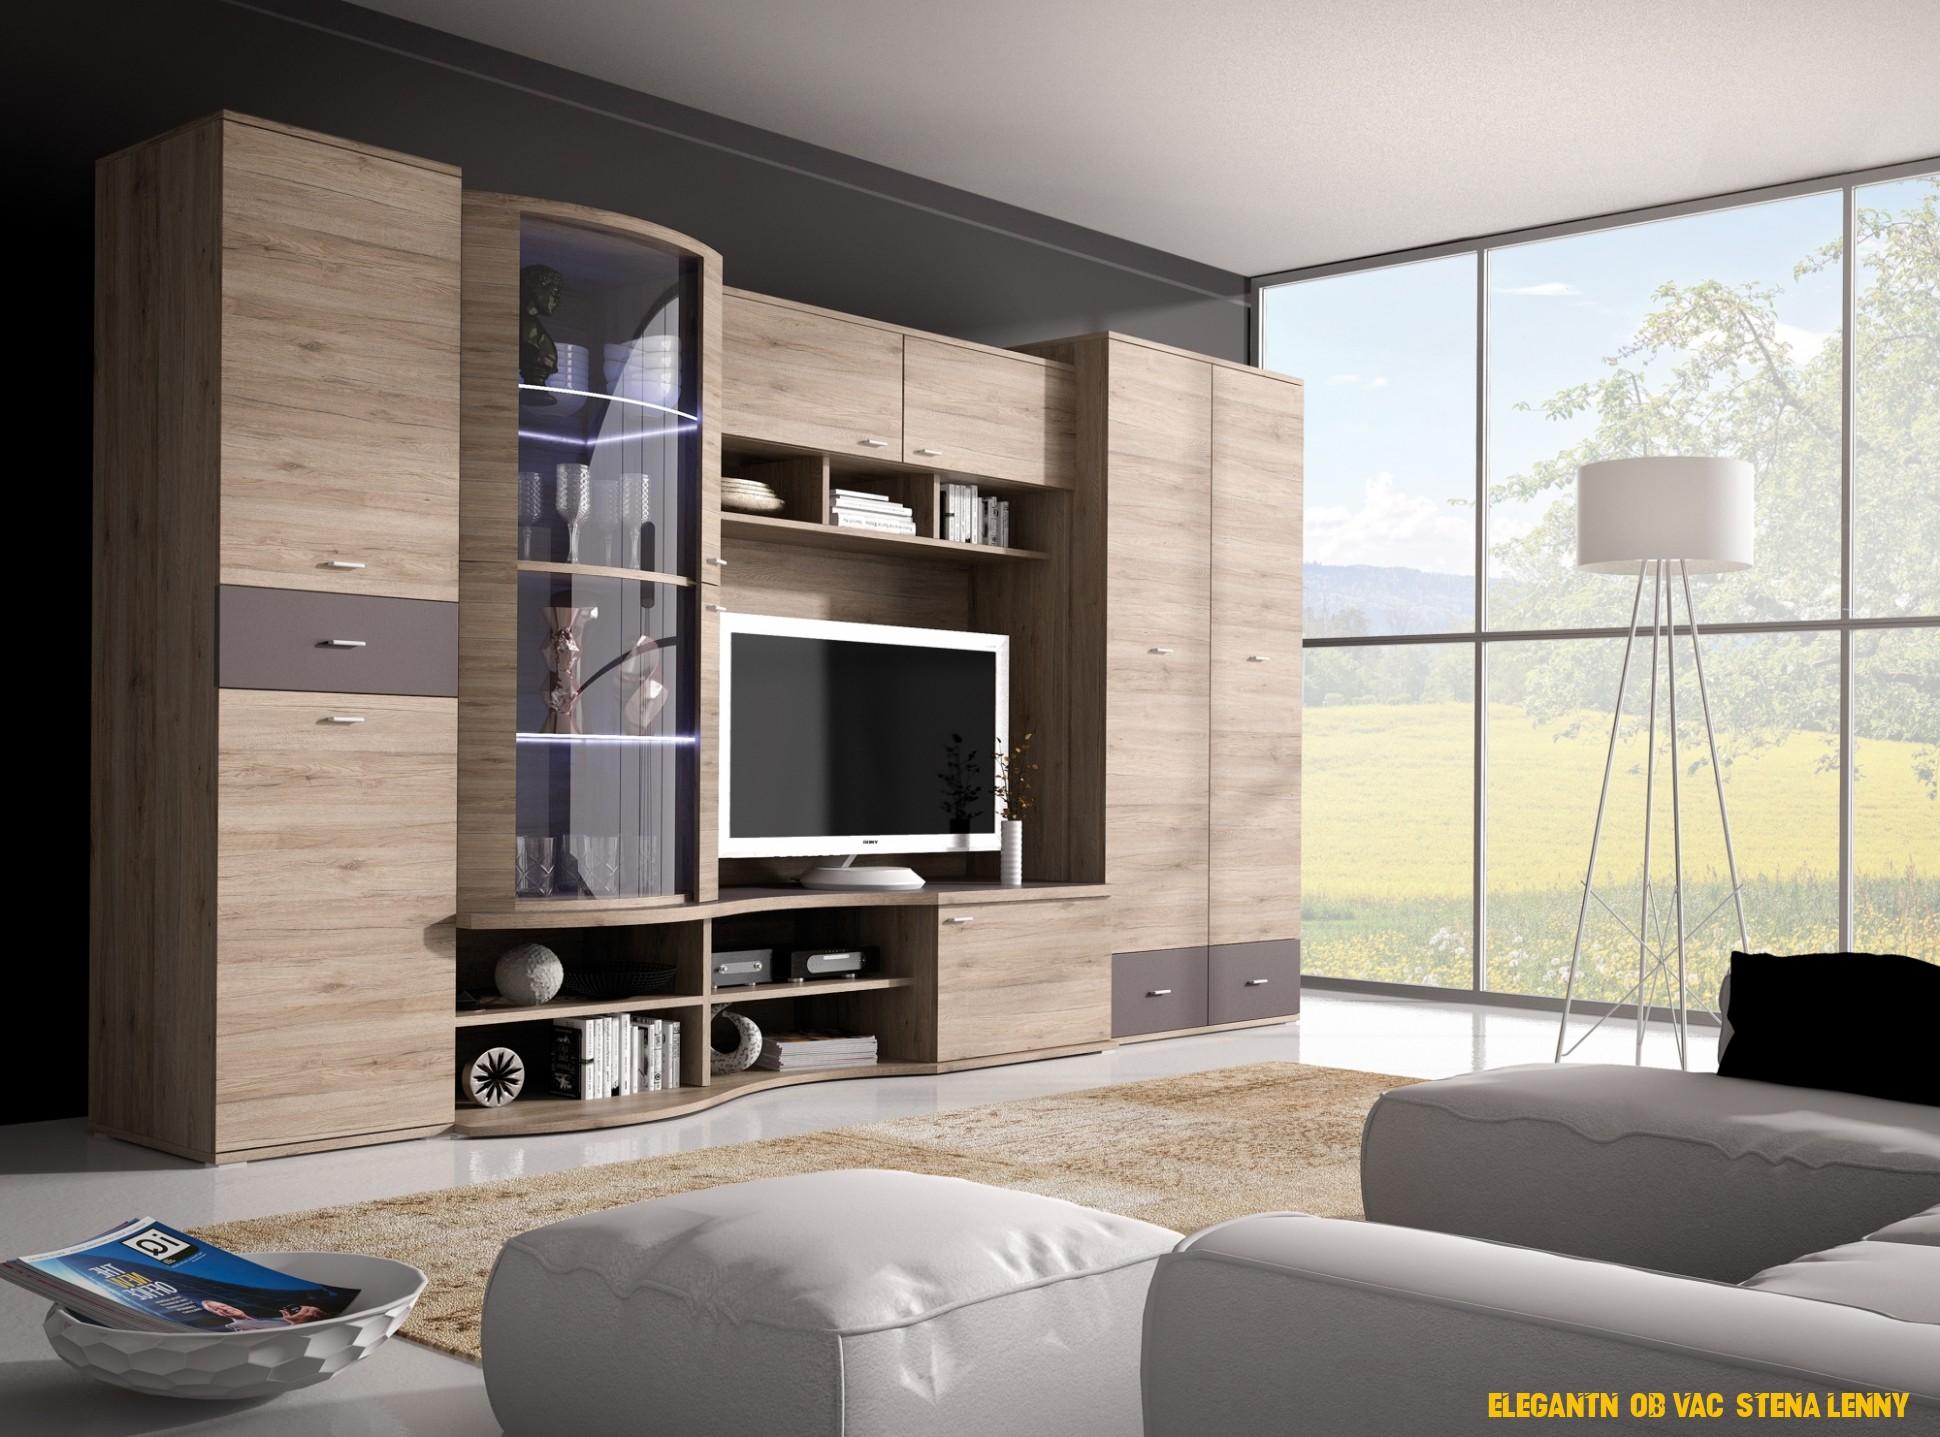 Elegantní nábytek stena Lenny